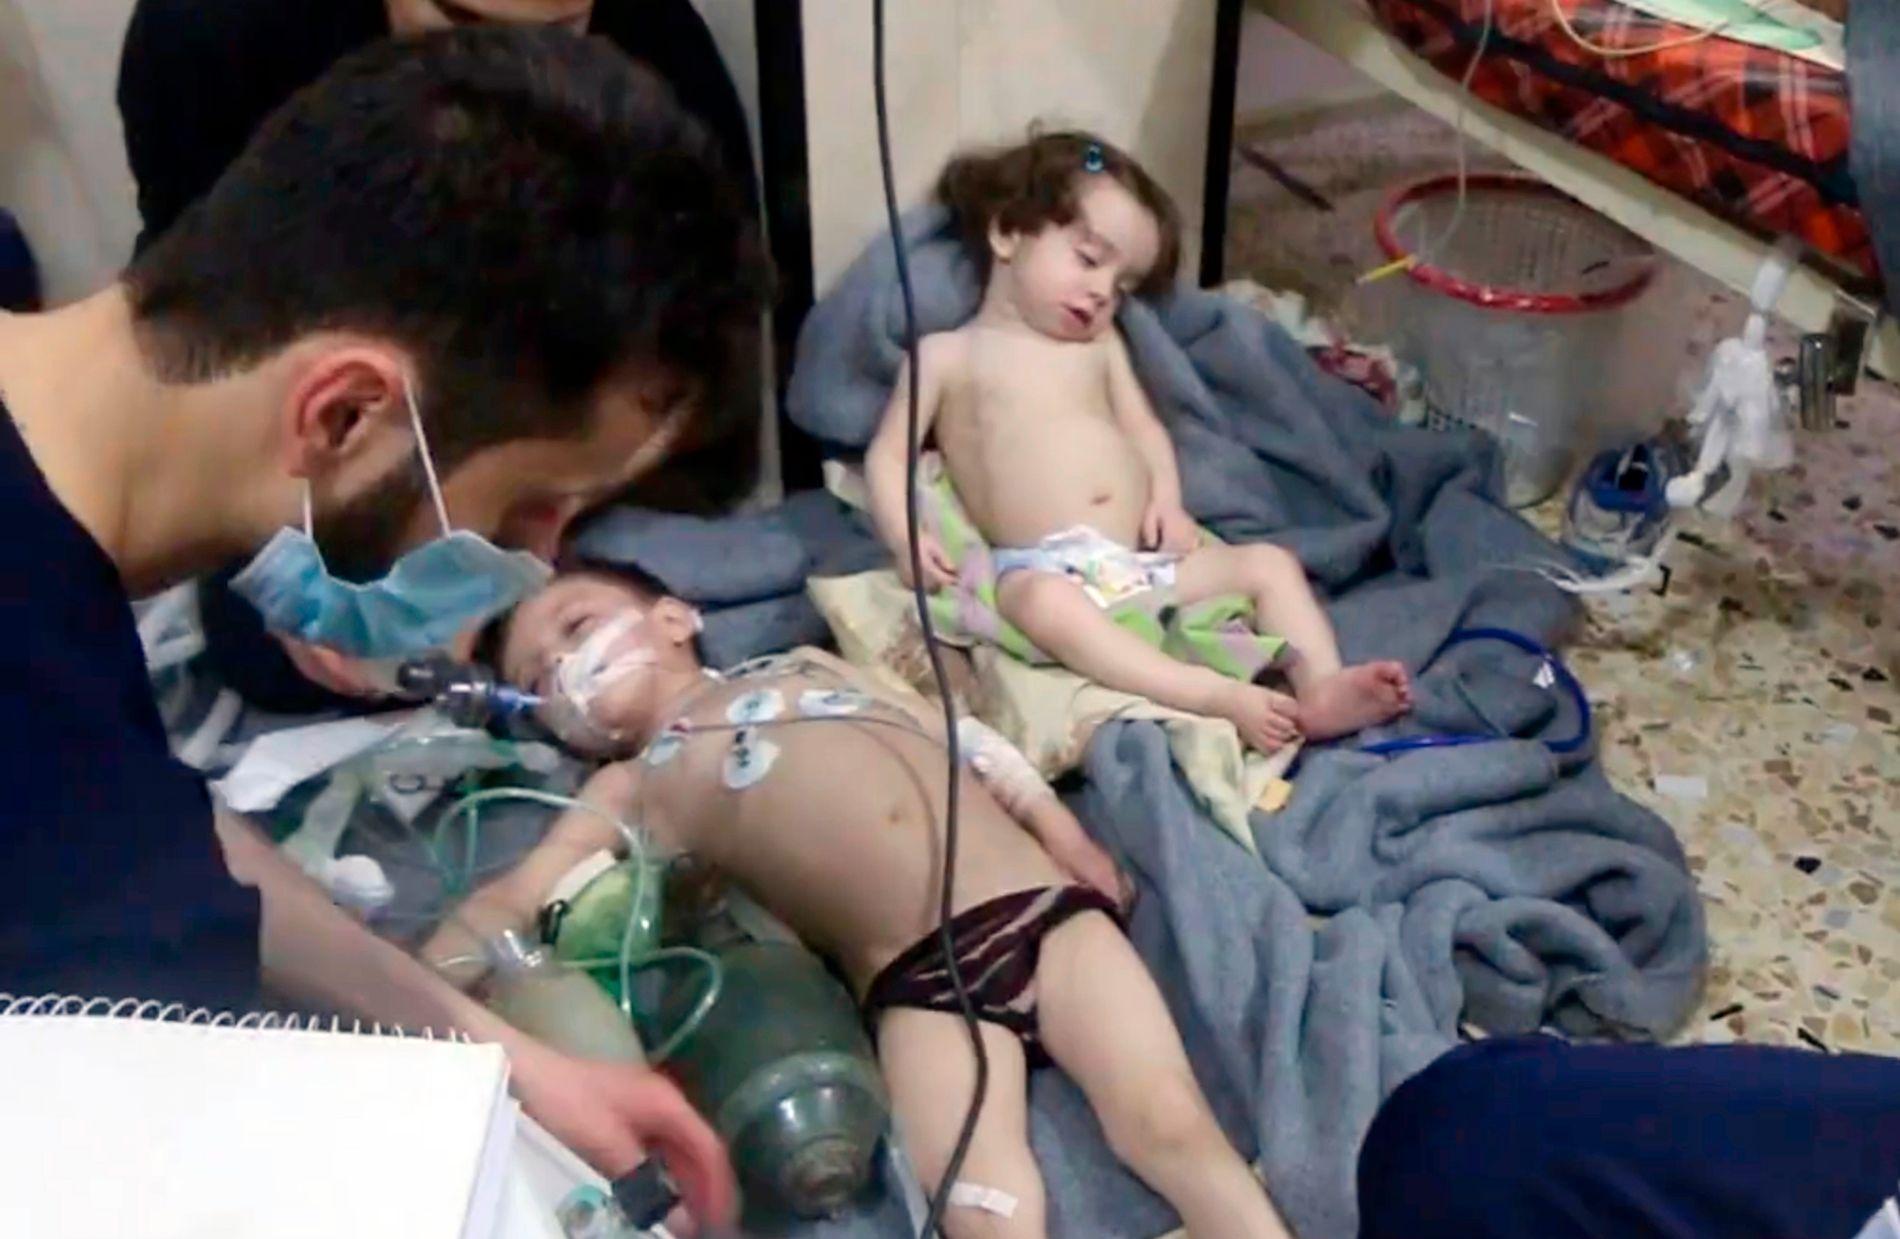 ANGREP: 500 innbyggere i Douma viser tegn på å ha blitt utsatt for et kjemisk angrep, ifølge Verdens helseorganisasjon.